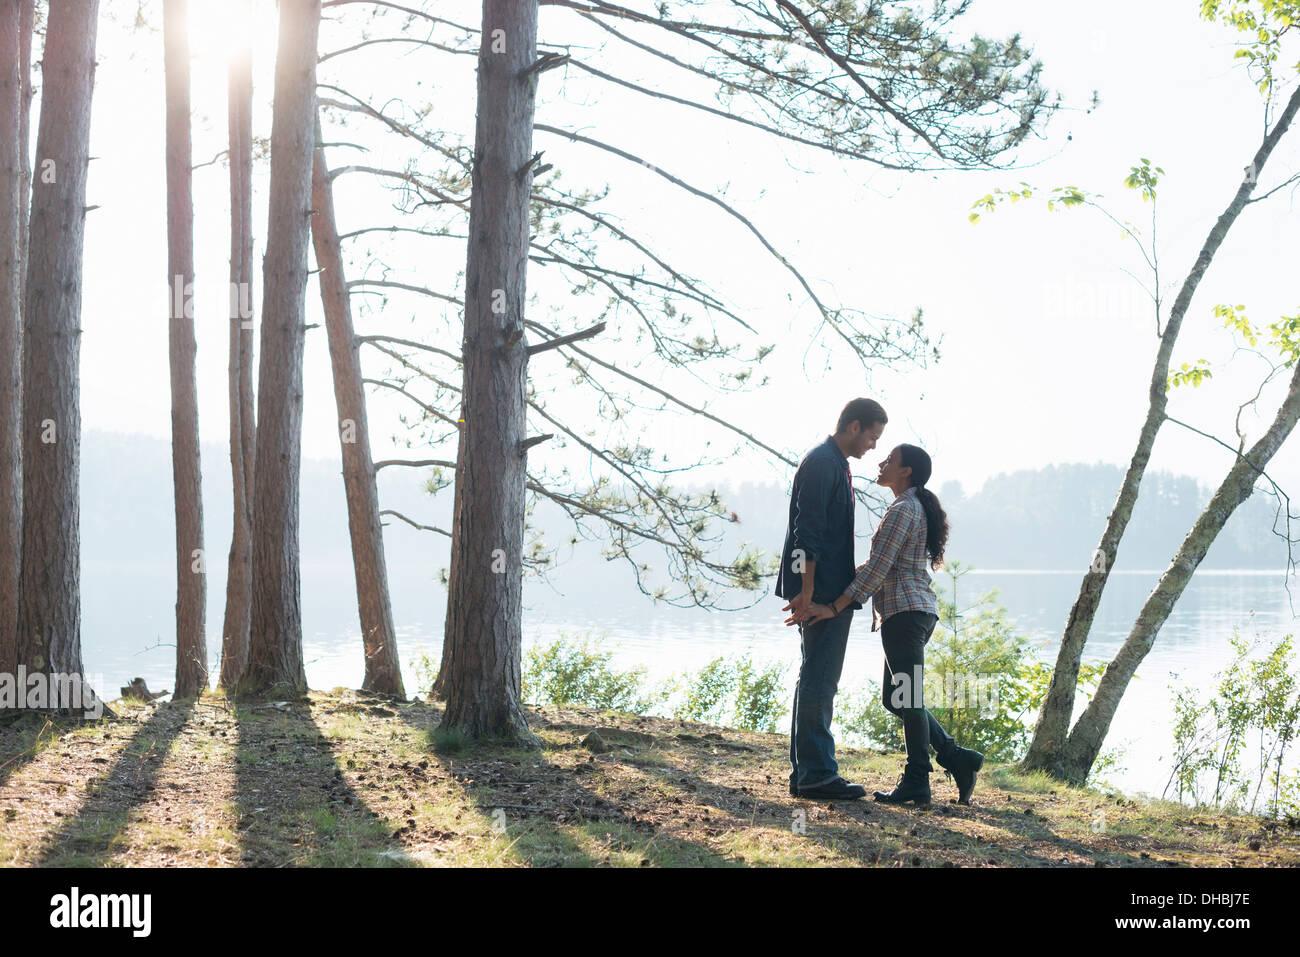 A la orilla del lago. Una pareja caminando en la sombra de los pinos en verano. Imagen De Stock